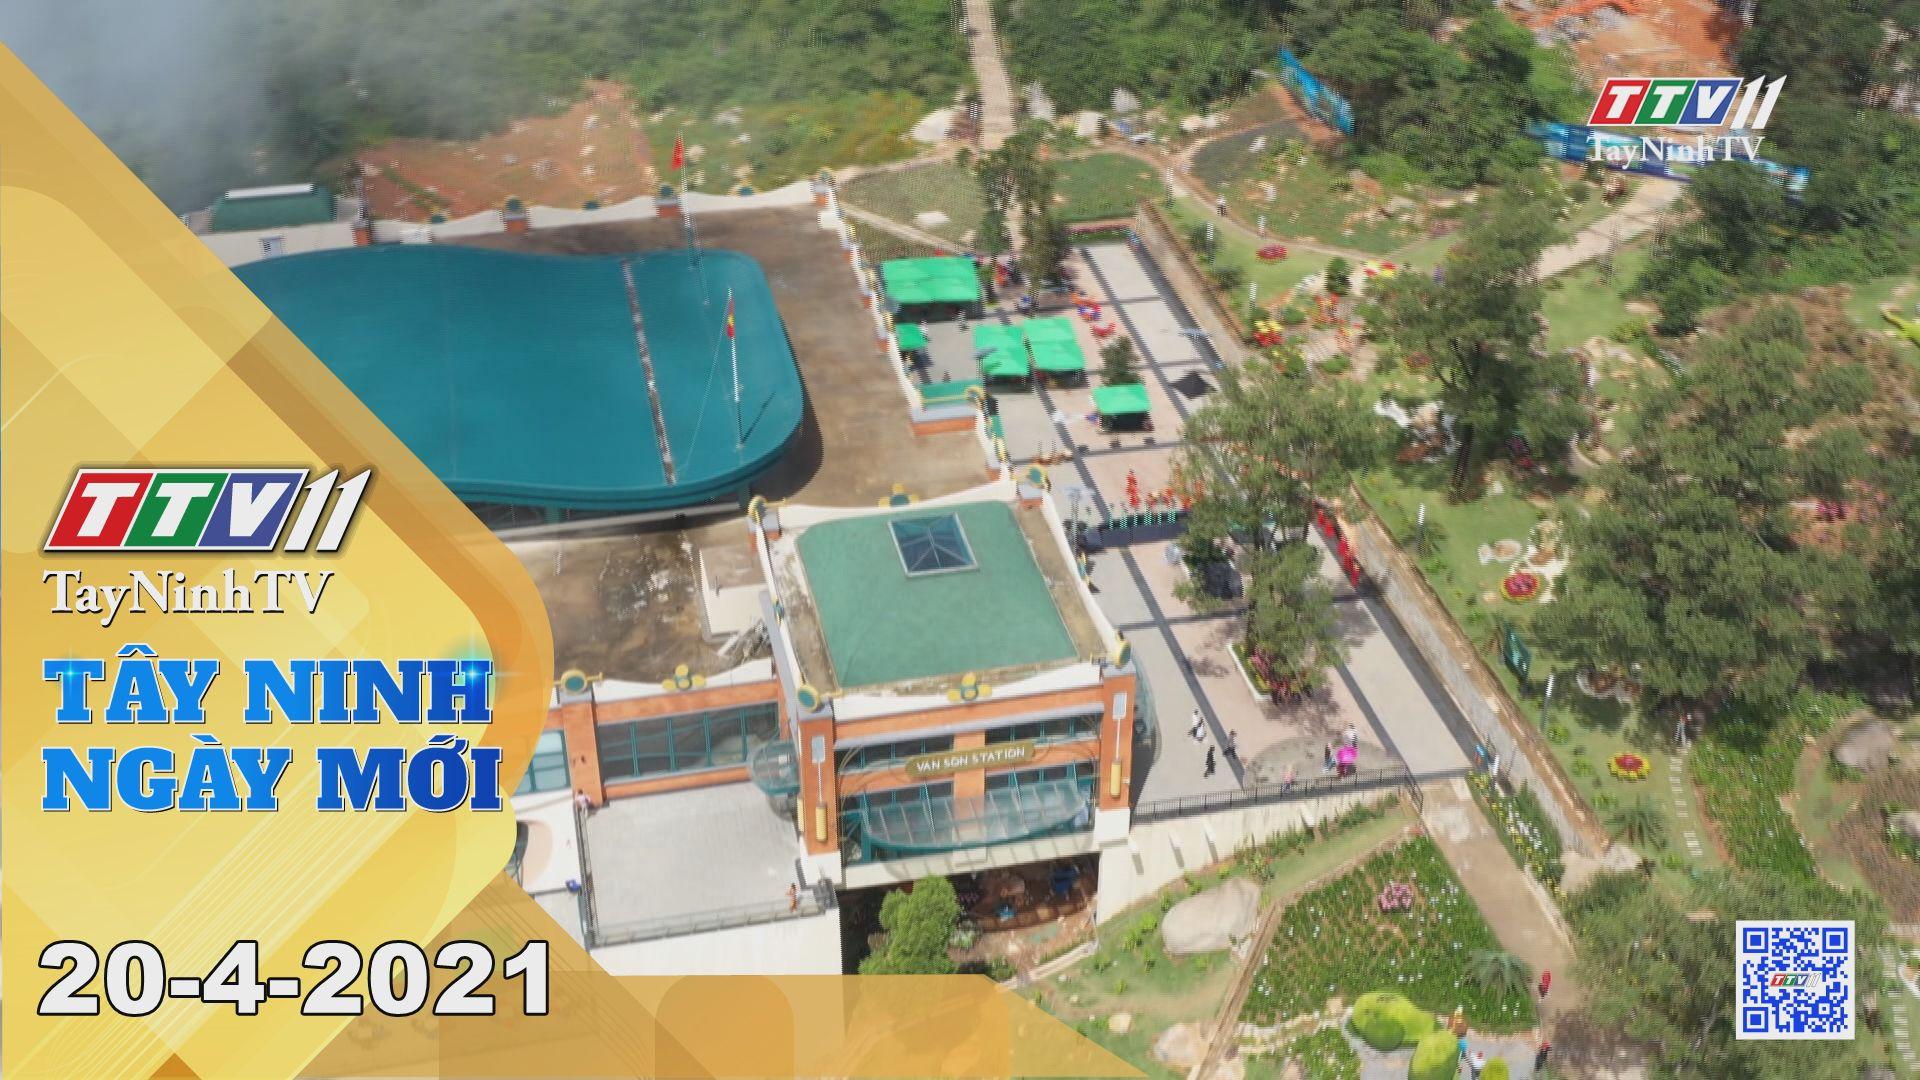 Tây Ninh Ngày Mới 20-4-2021 | Tin tức hôm nay | TayNinhTV